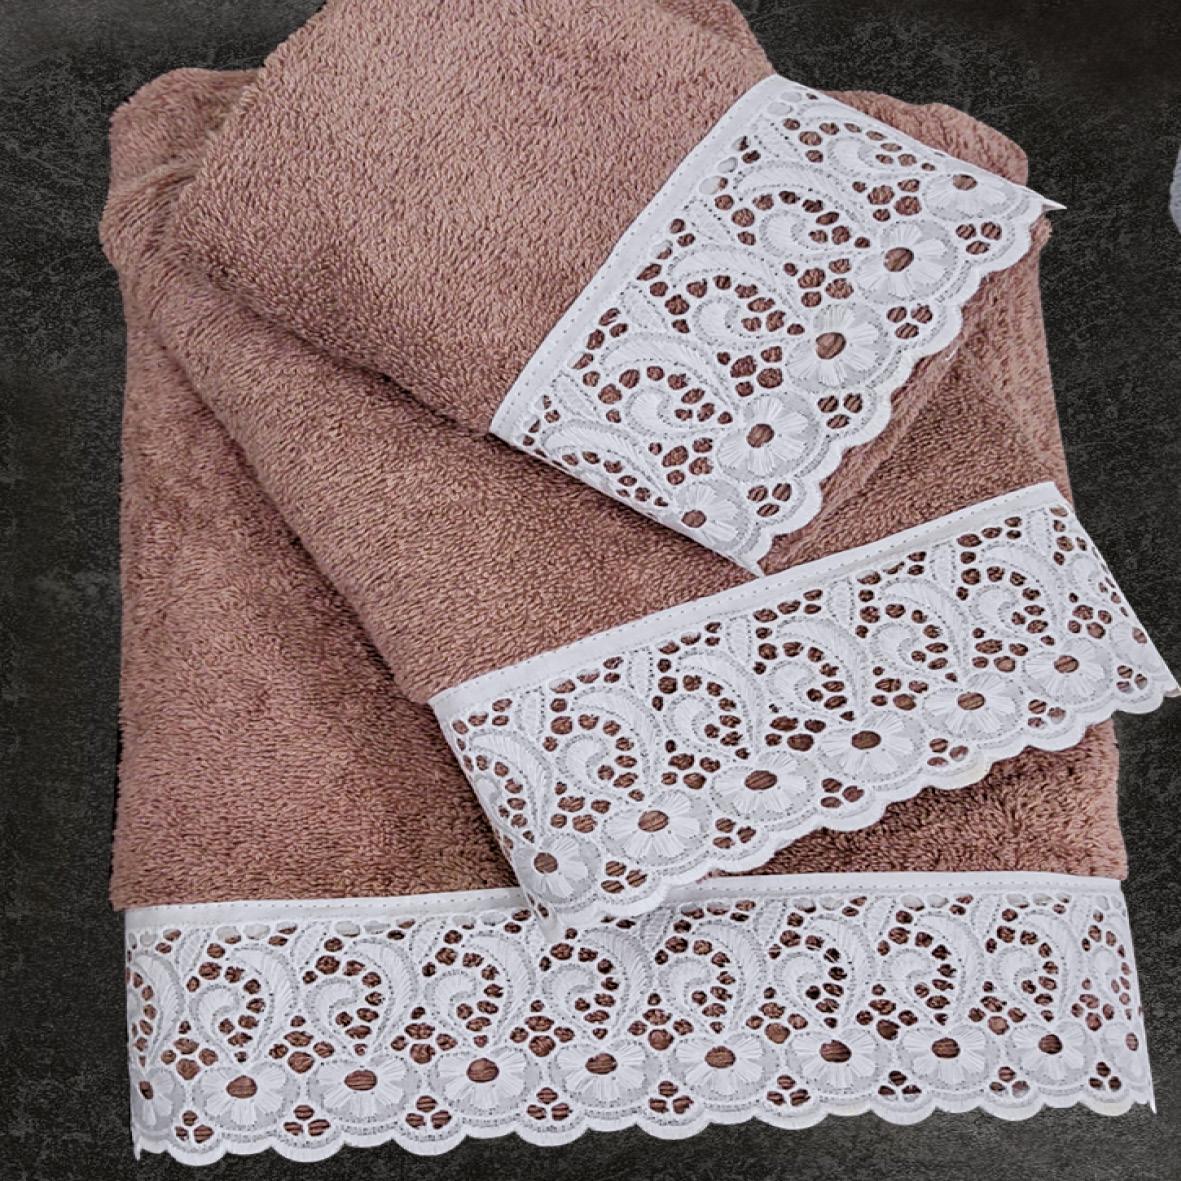 Πετσέτες Μπάνιου (Σετ 3 Τμχ) Sb Home Cordon Taupe